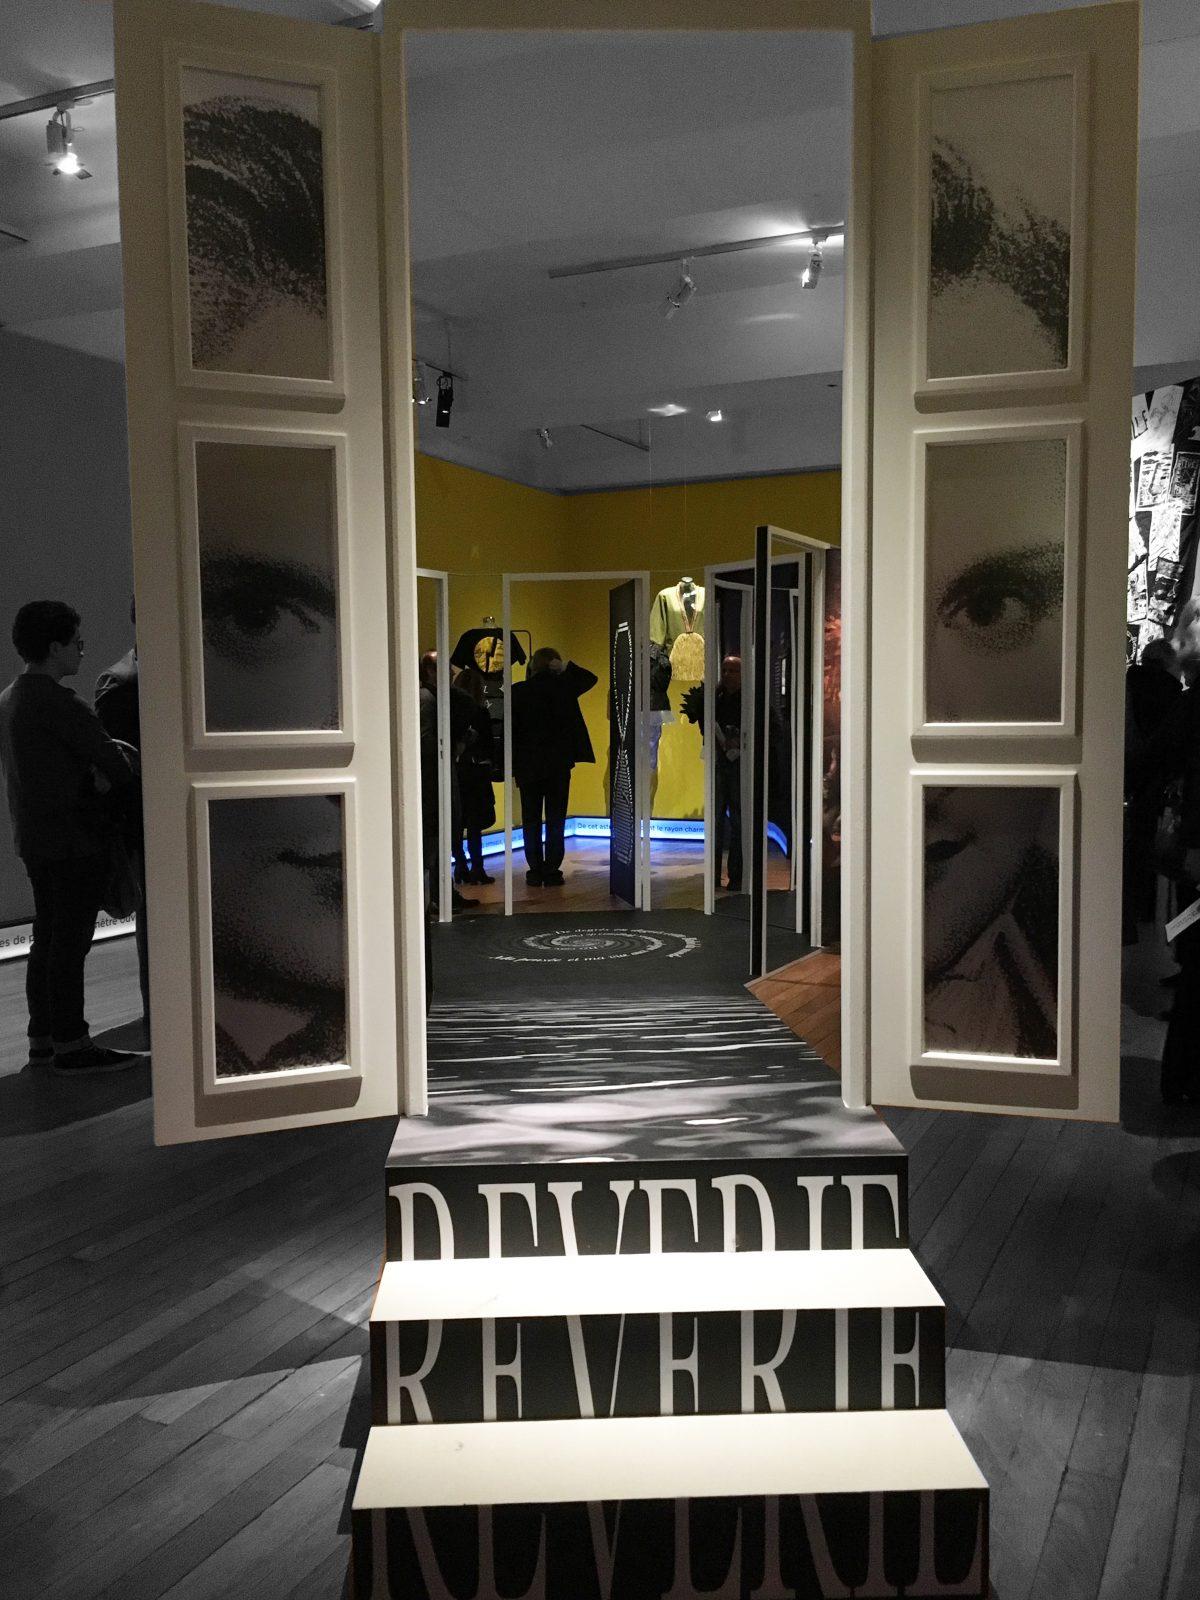 exposition-la-pente-de-la-reverie-maison-de-victor-hugo-paris-installation-artistique-photo-georgia-bucur